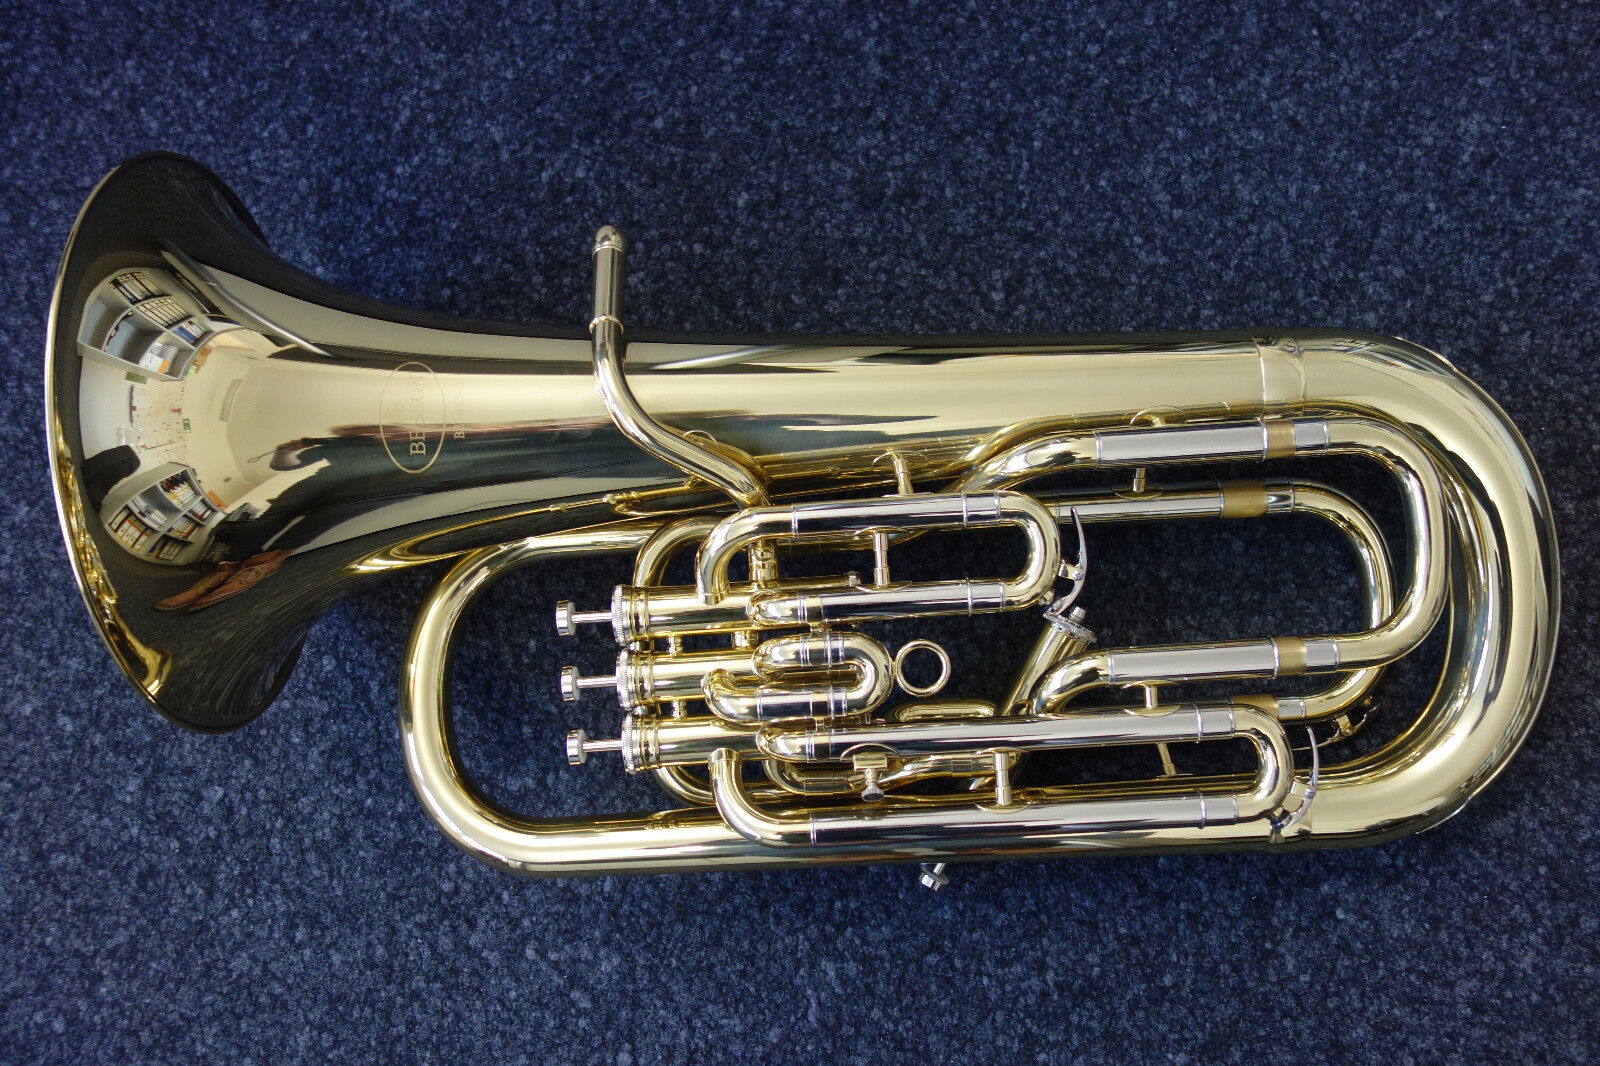 Blasinstrumente Bb Kaiserbariton Bariton Silber Euphonium Drehventile